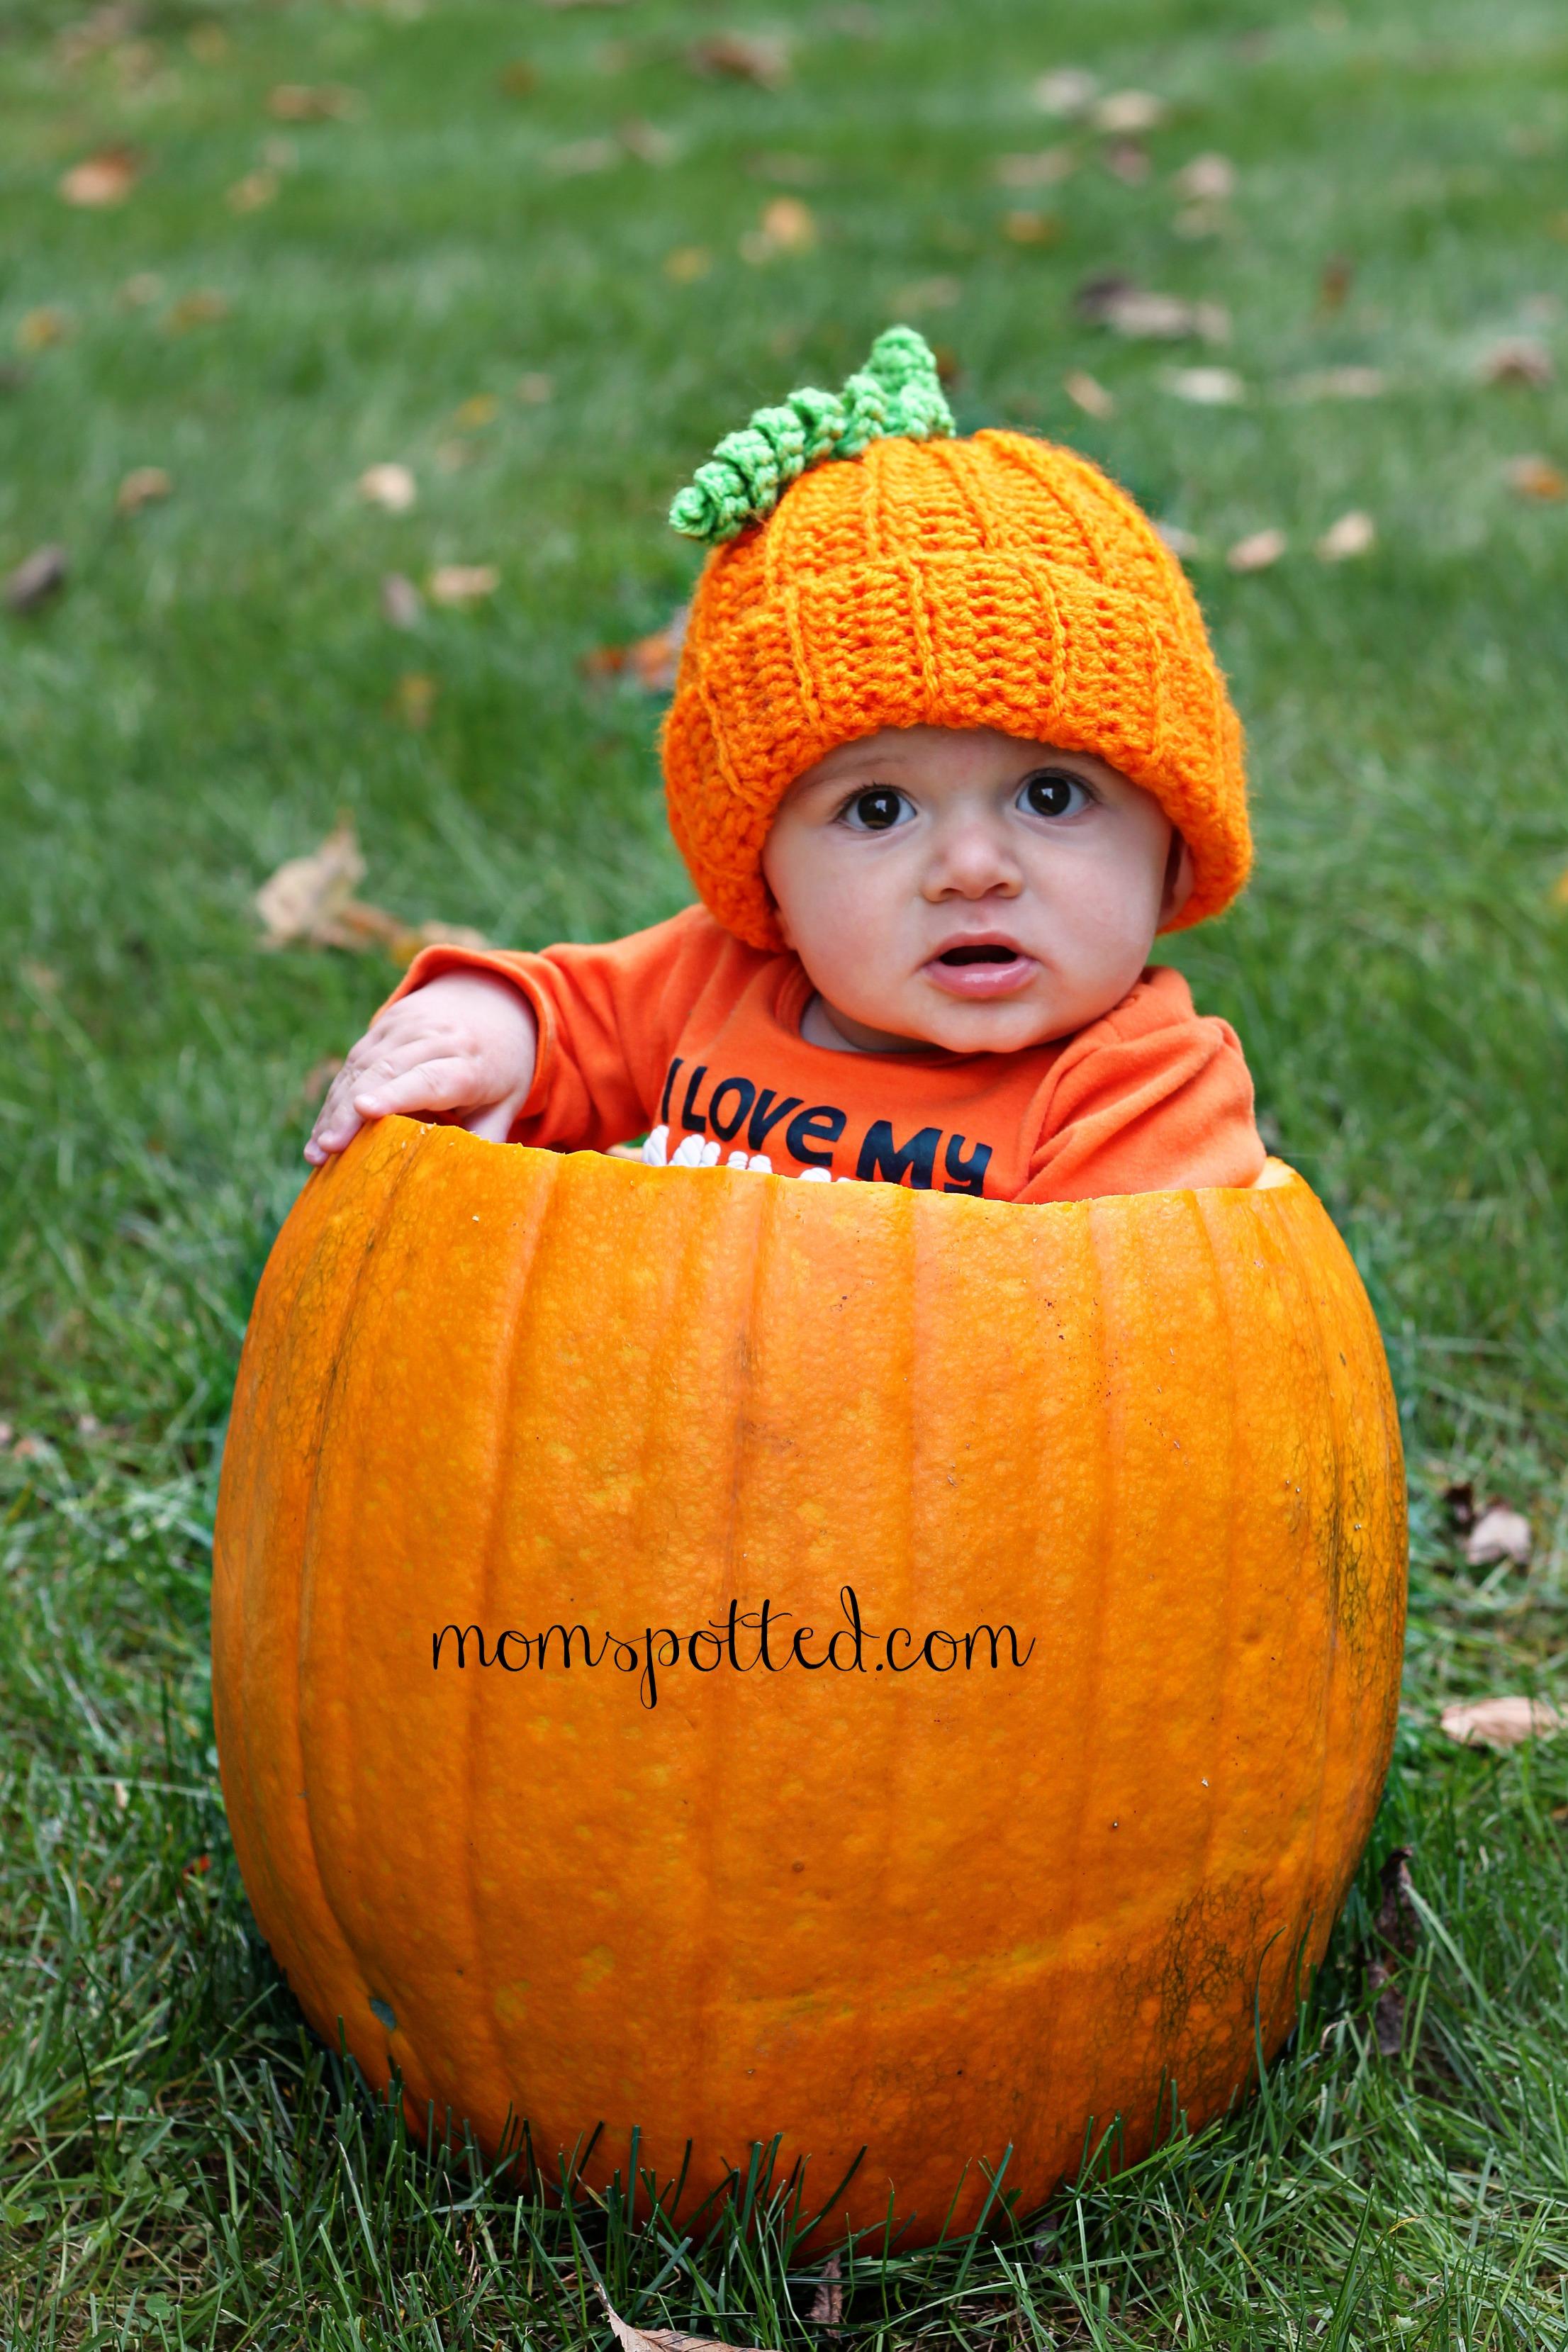 Baby Pumpkin Adorable Photography